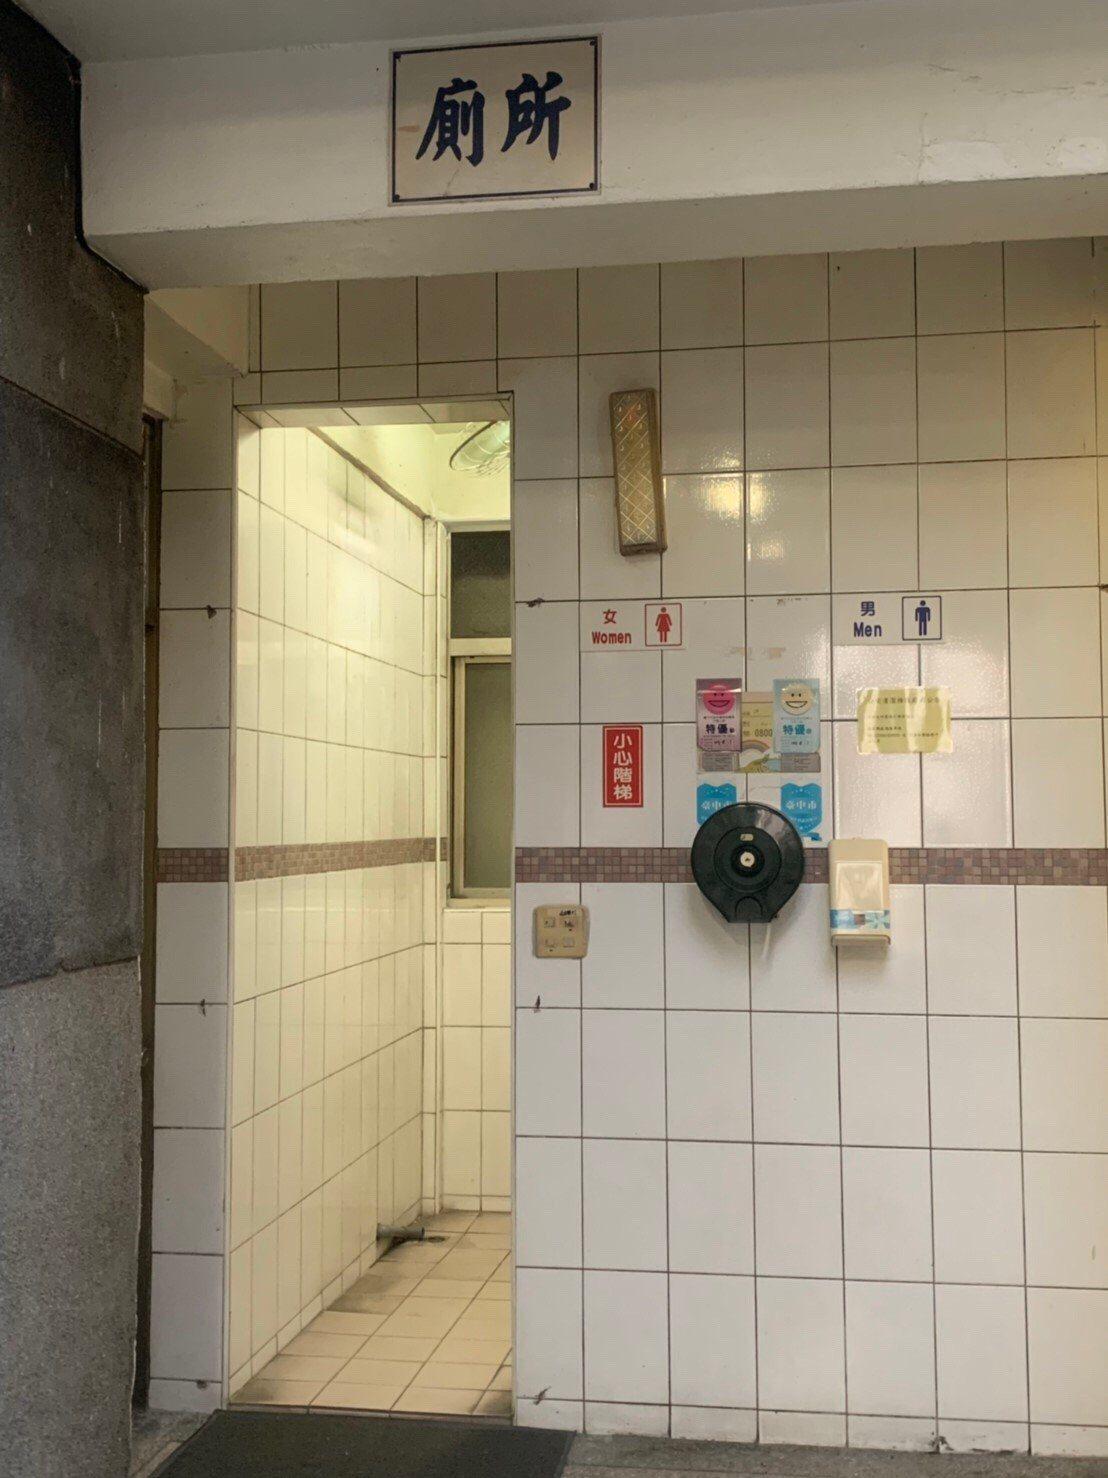 台中殯儀館女廁傳偷拍,司法調查中。圖/林祈烽議員提供